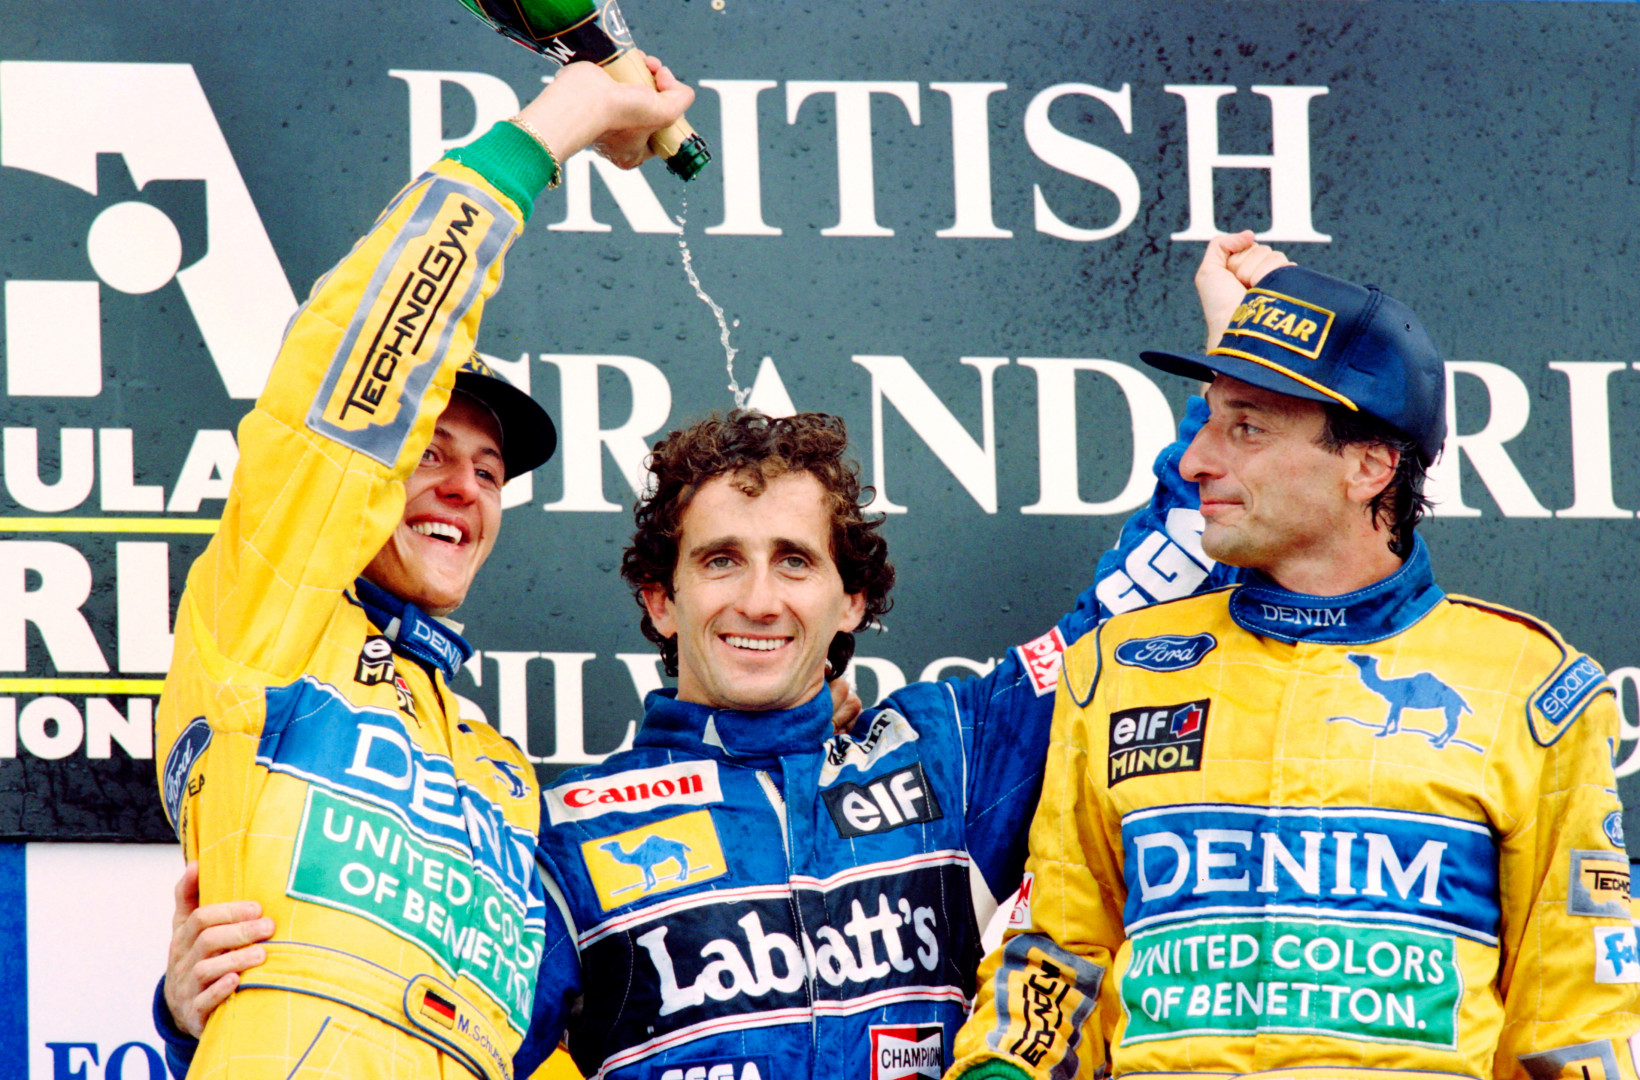 Alain Prost après sa victoire à Silverstone entre Michael Schumacher et Riccardo Patrese le 11 juillet 1993.